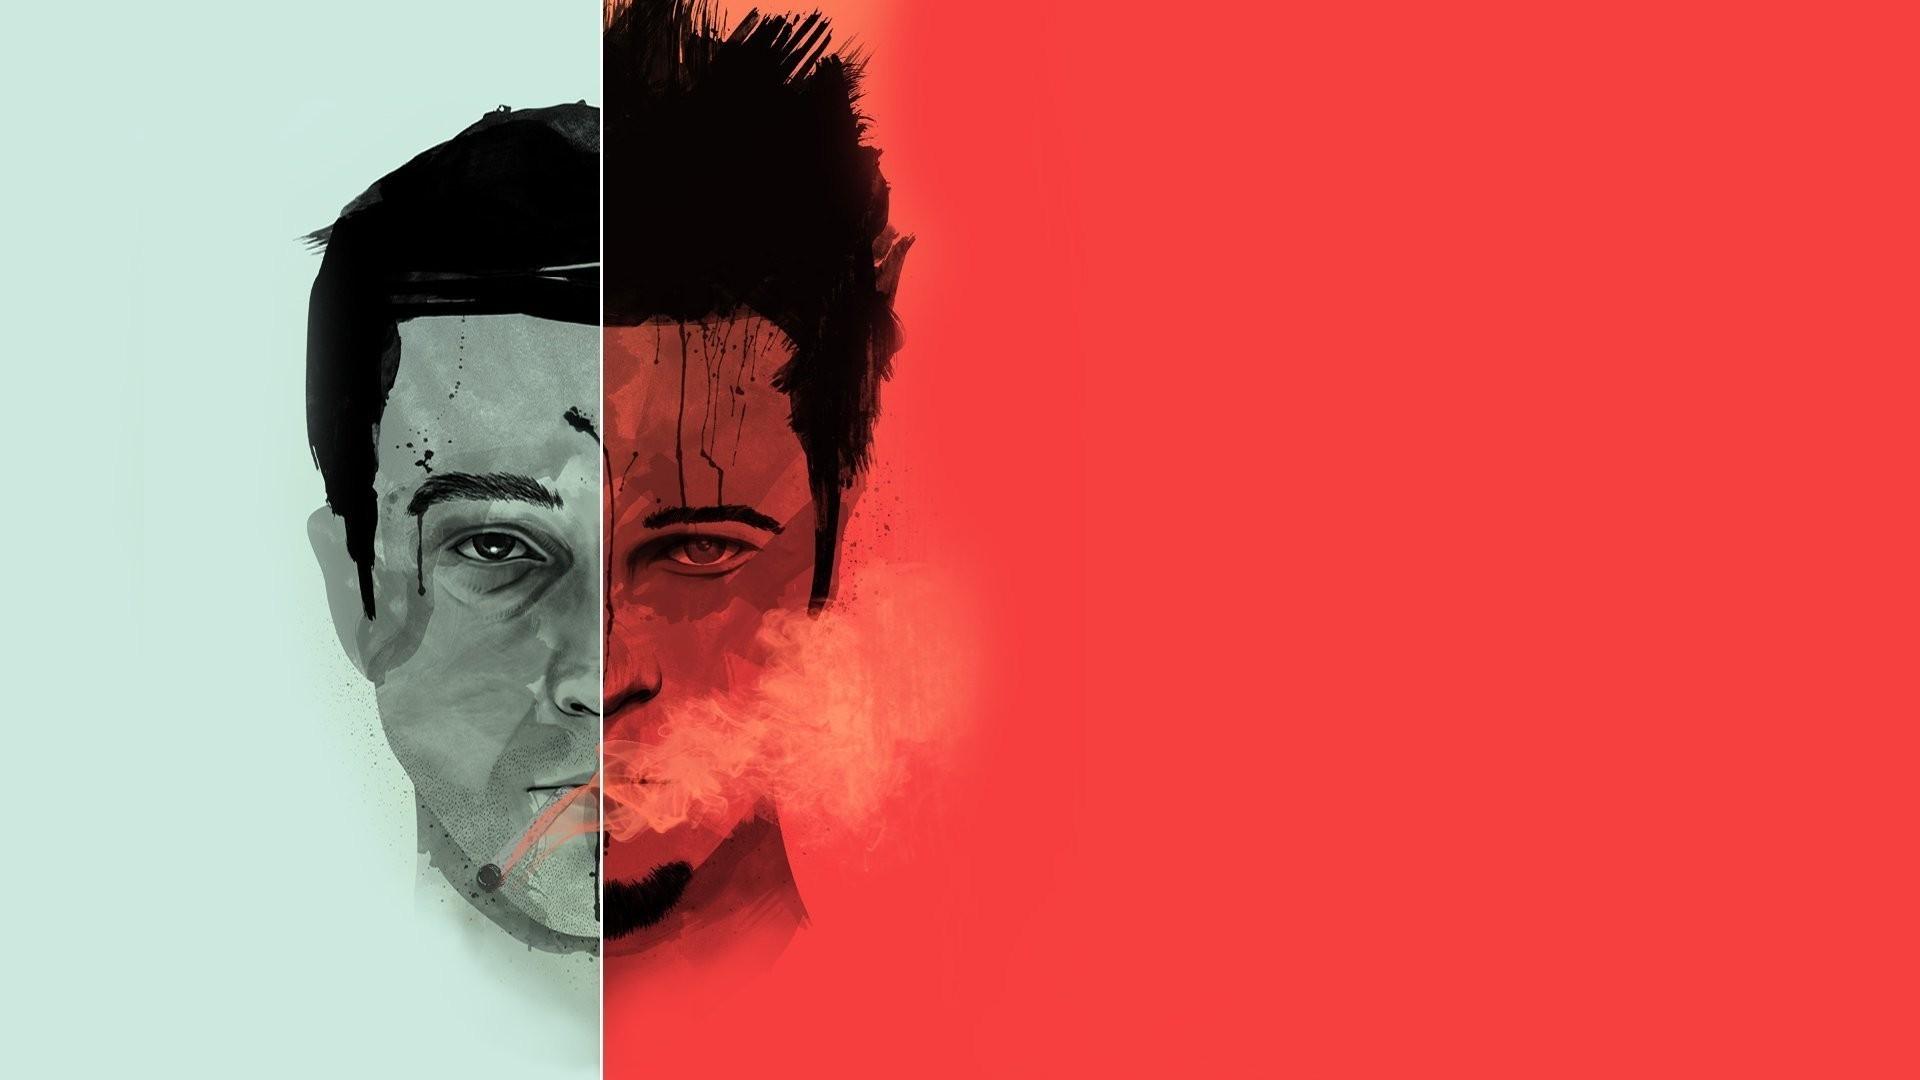 Tyler Durden Wallpaper 59 Images